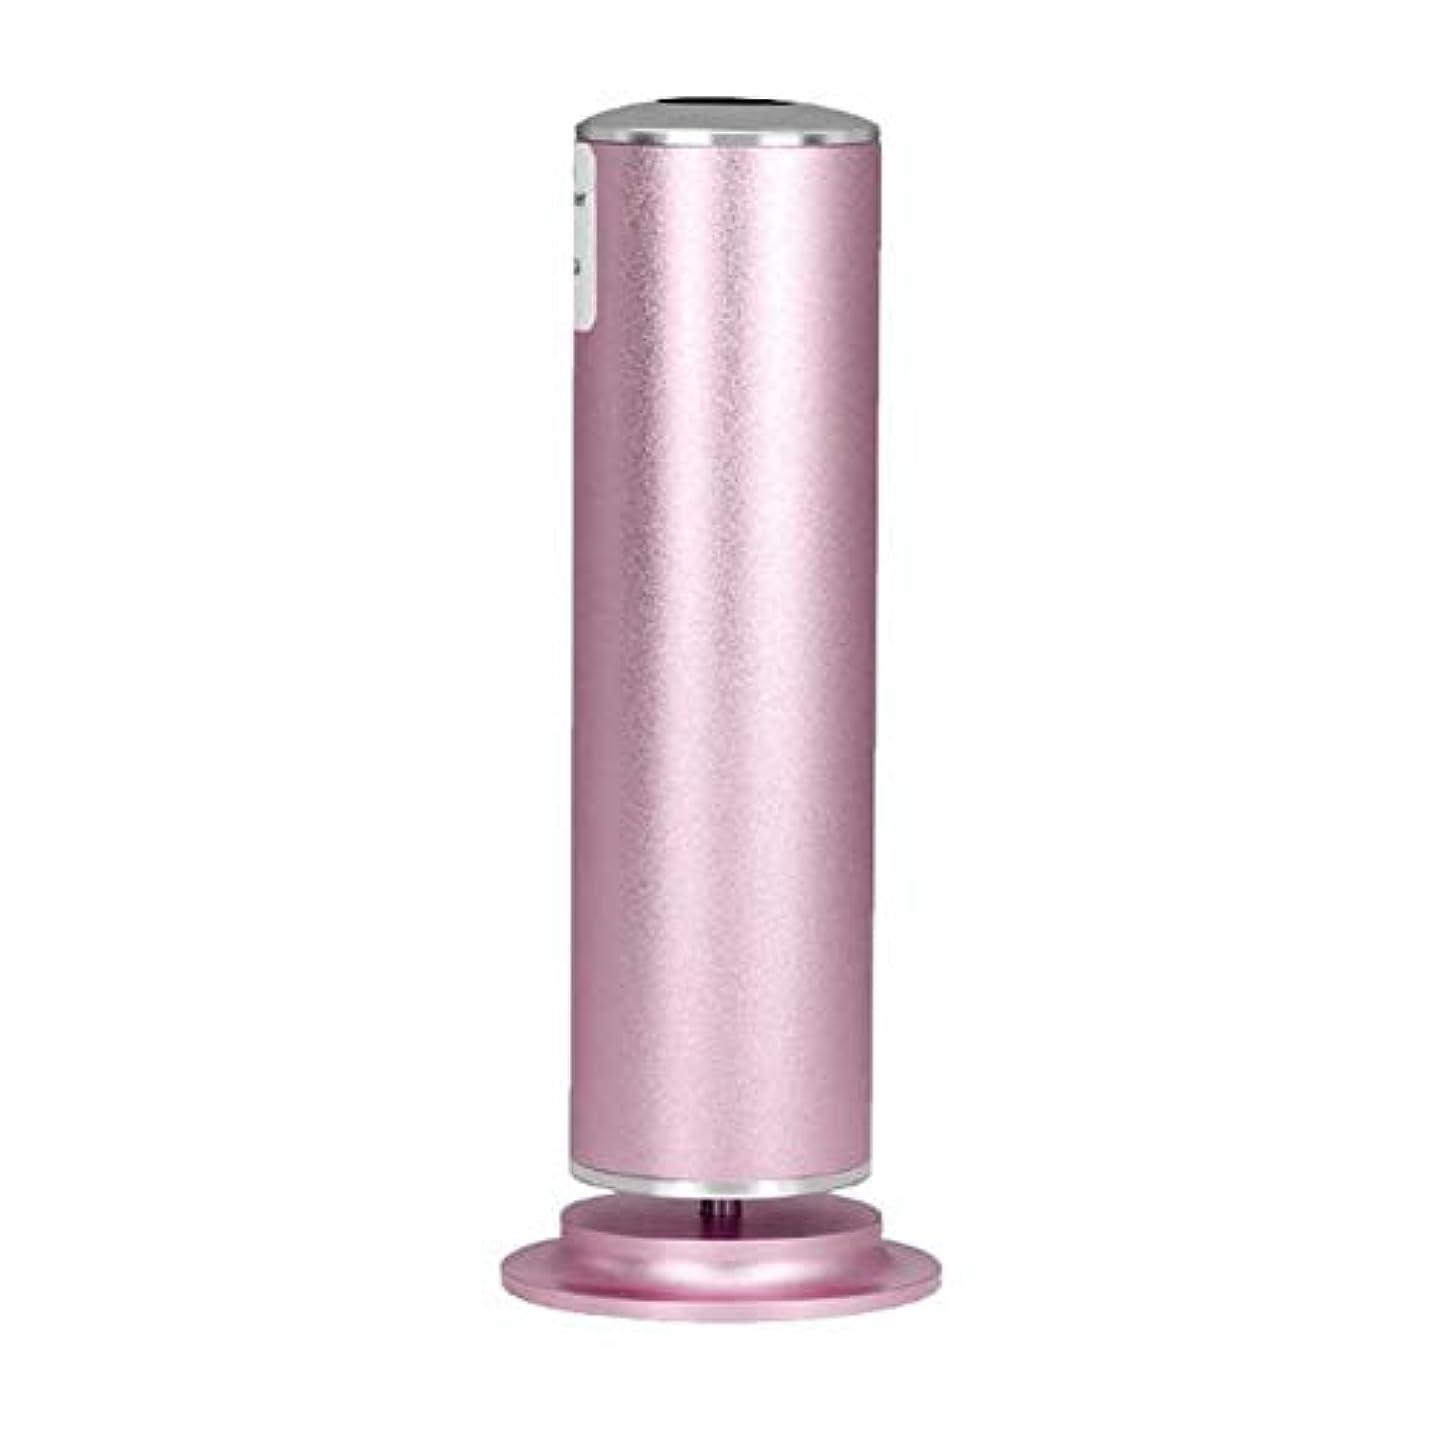 いろいろ脅威混乱した粉砕の古い死んだ皮の電気ペディキュアの自動粉砕機,Pink